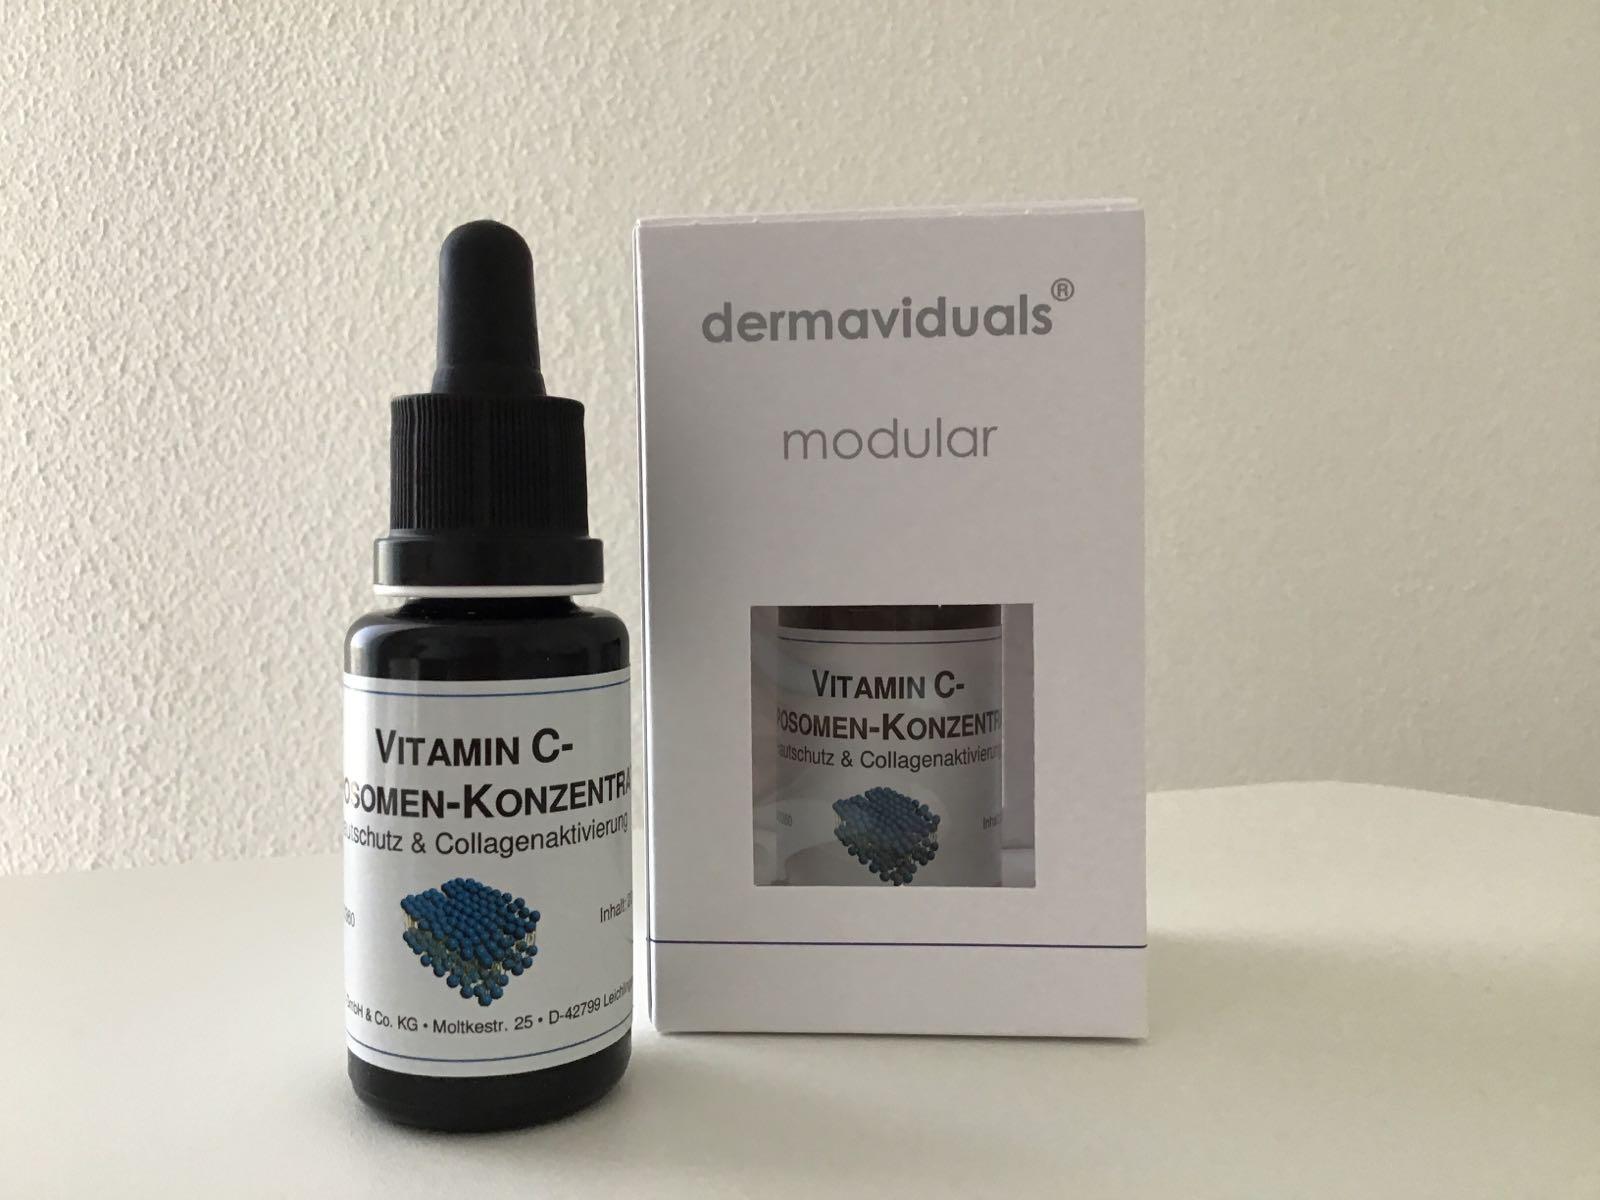 Vitamin C Liposomen Konzentrat  20ml